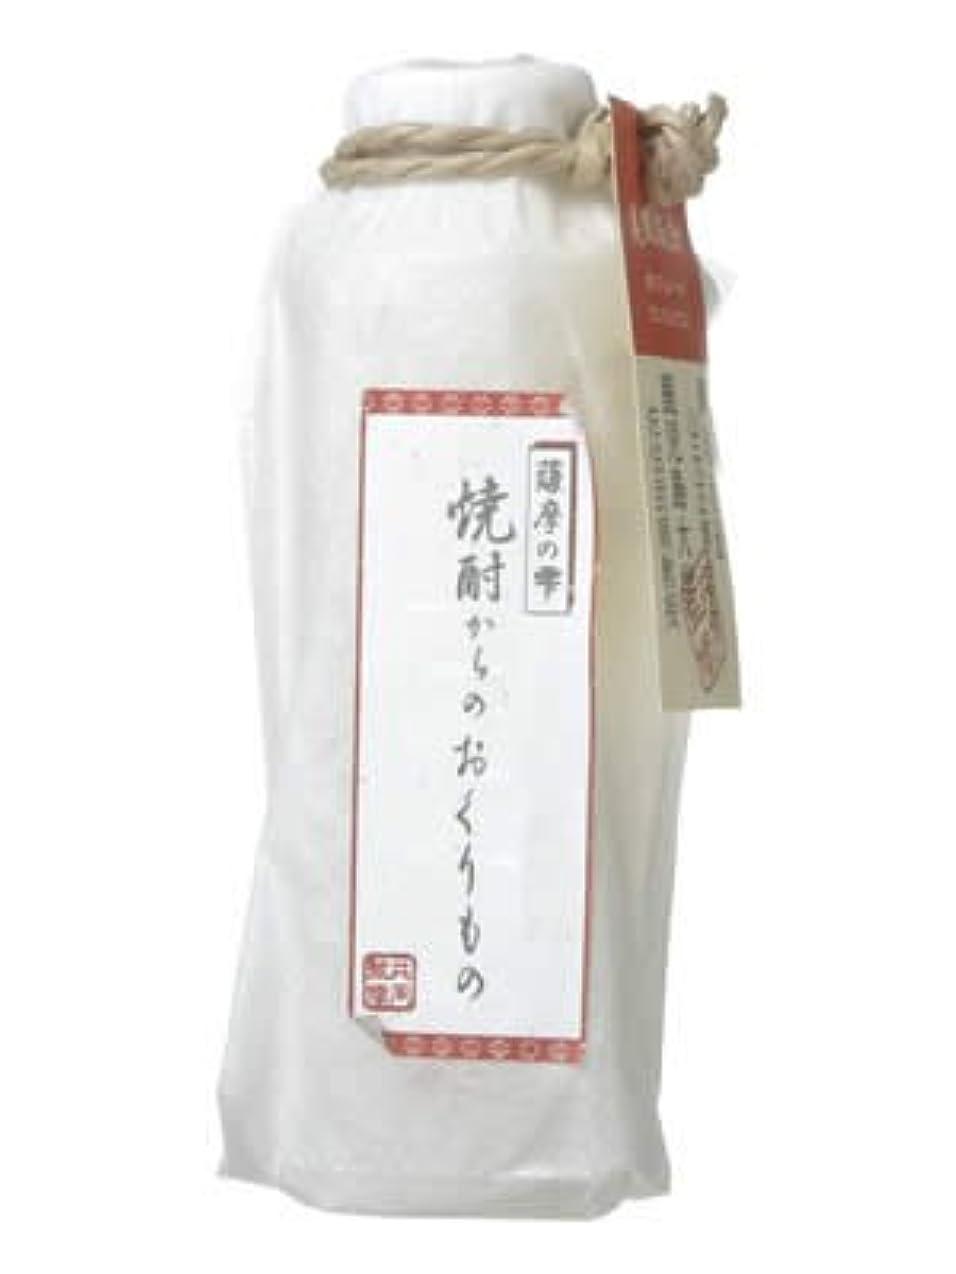 メイド影鉛薩摩の雫 美容液(焼酎からのおくりもの) 200ml